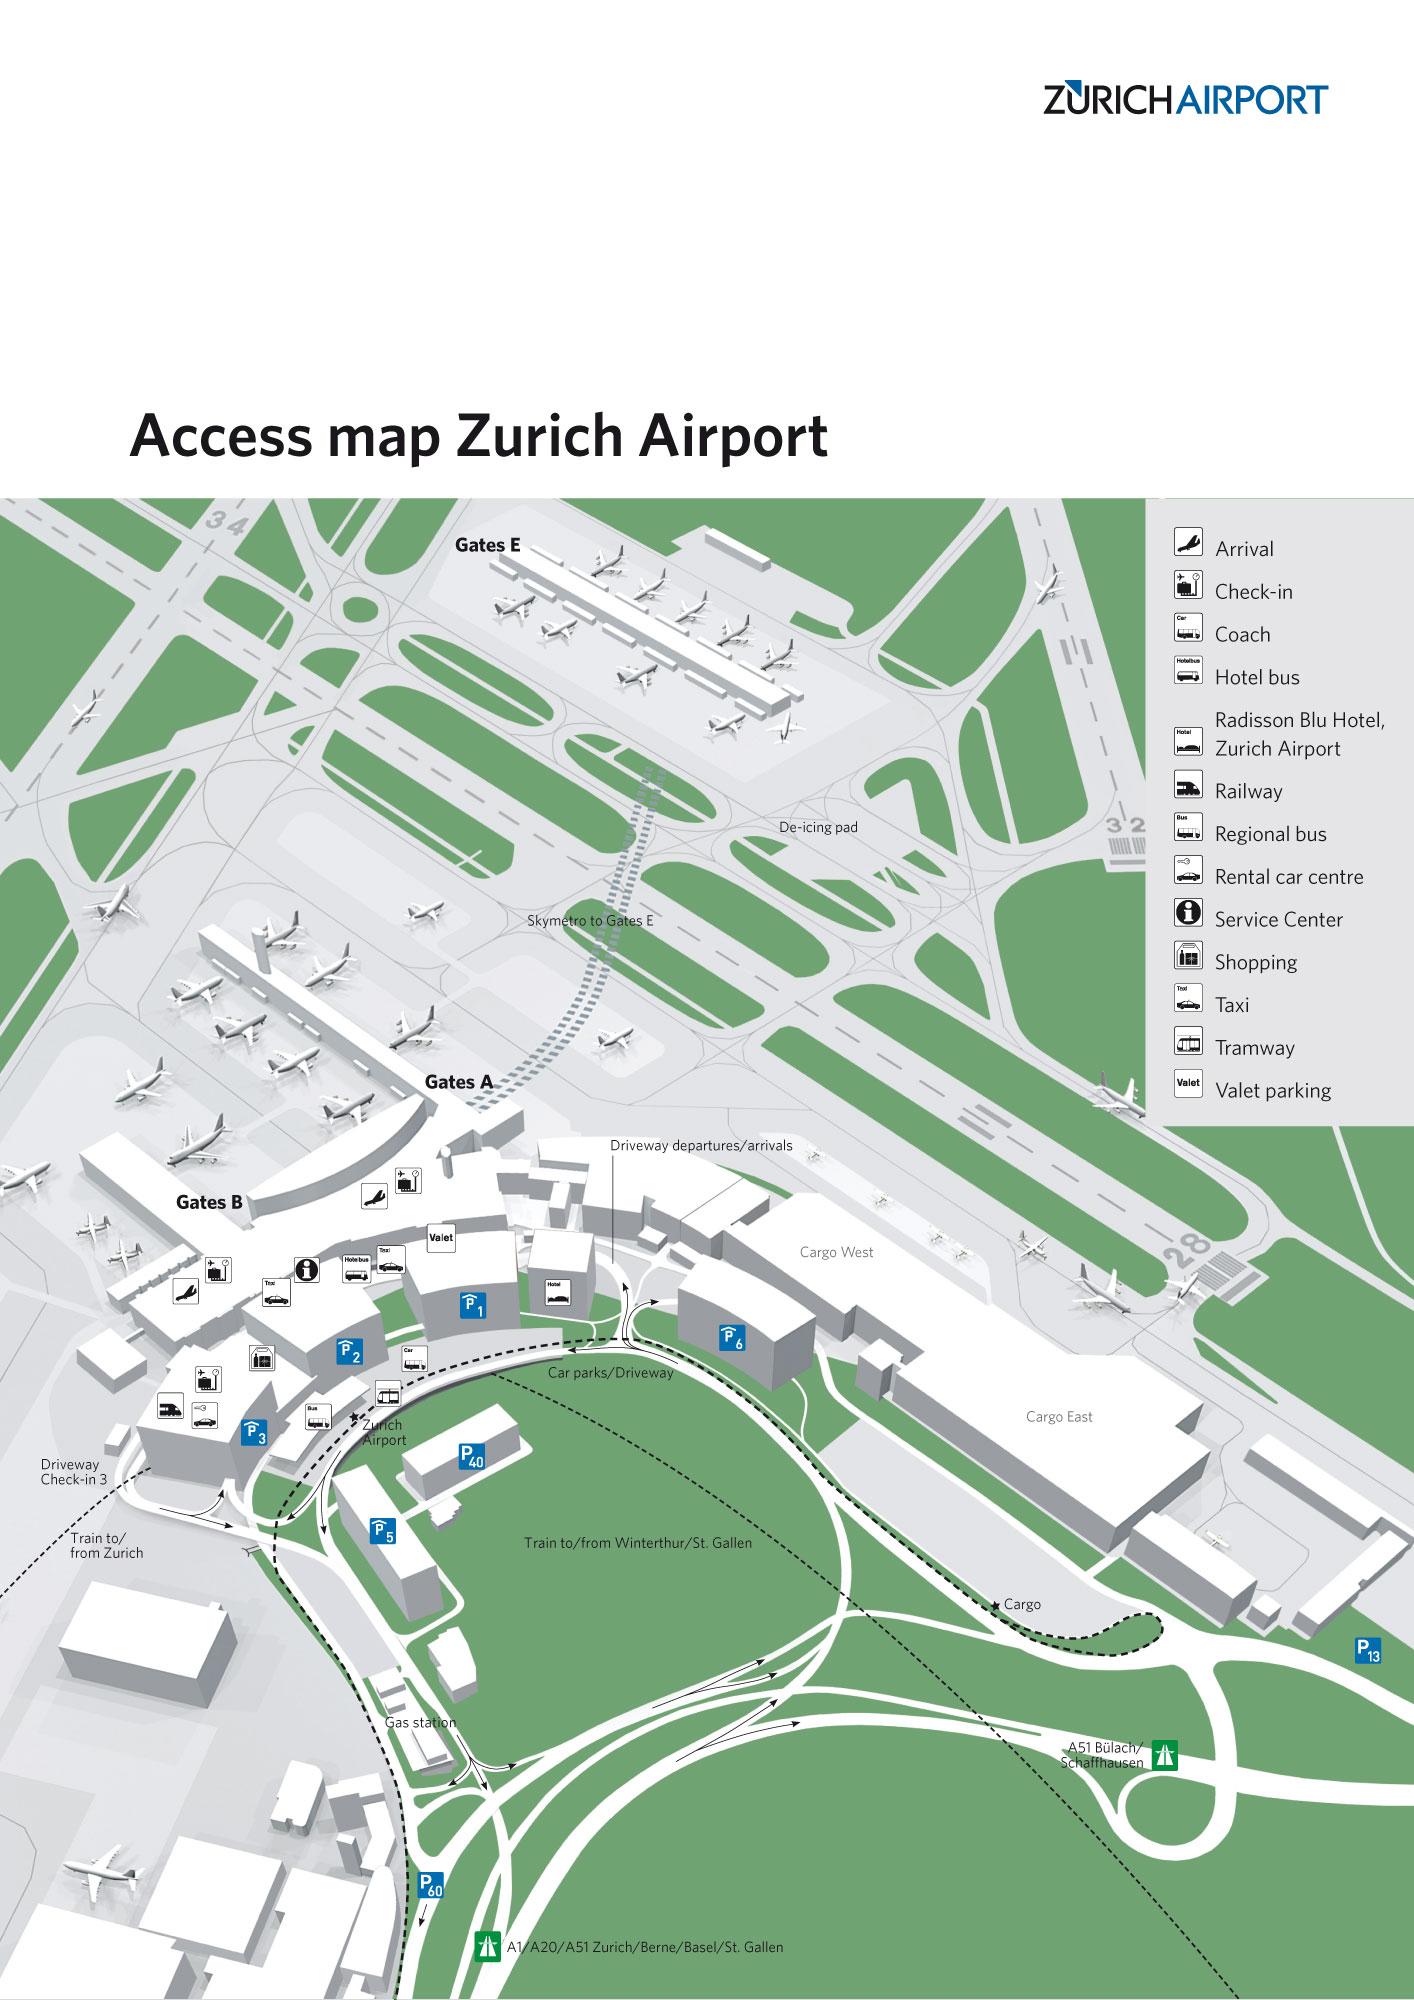 схема аэропорта на русском фьюмичино